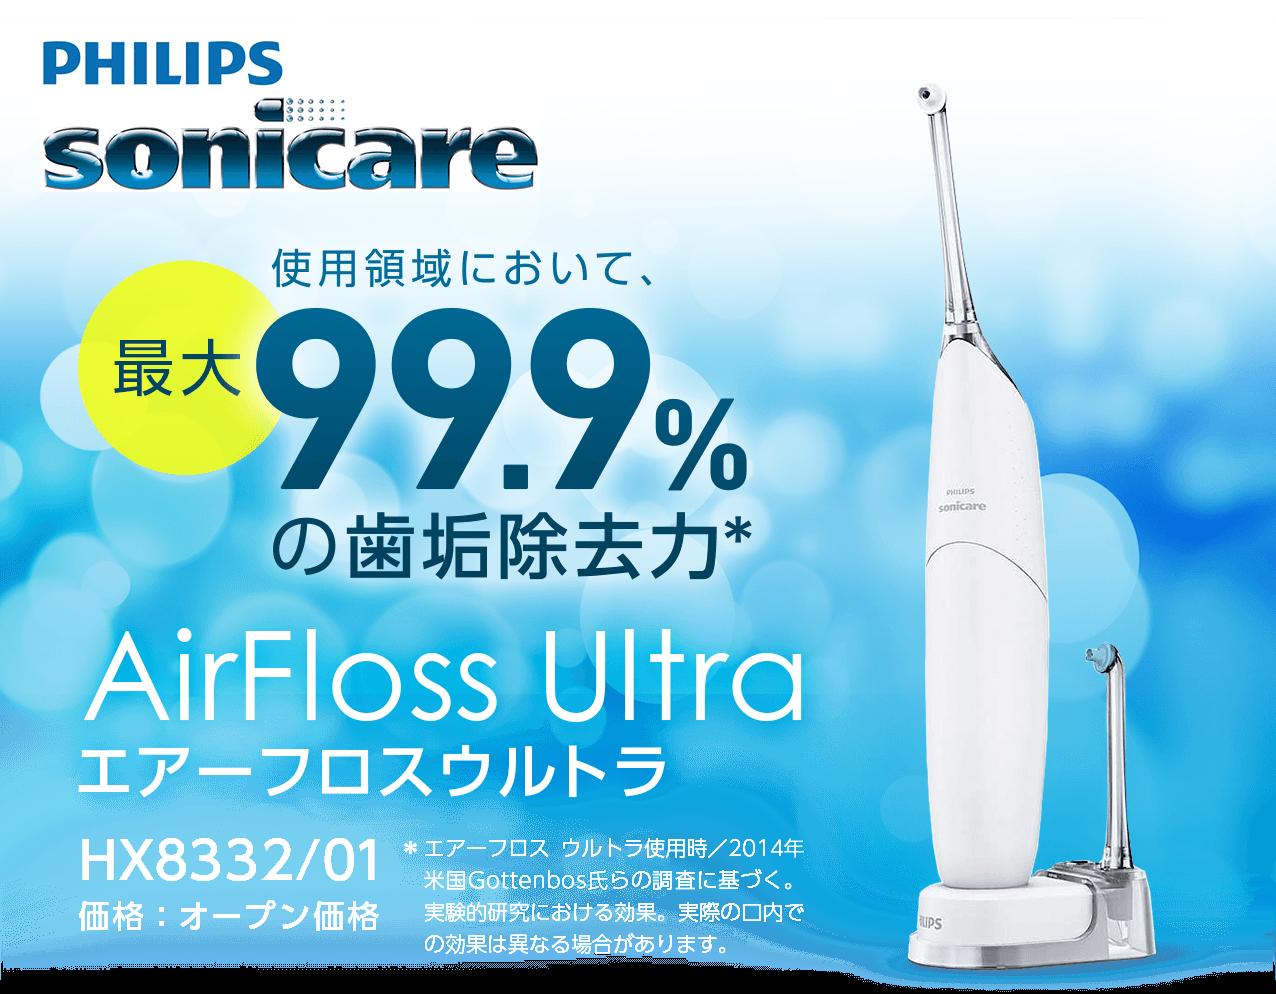 sonicare 使用領域において最大99.9%の歯垢除去力* AirFloss Ultra エアーフロスウルトラ HX8332/01 価格:オープン価格 *エアーフロス ウルトラ使用時/2014年米国Gottenbos氏らの調査に基づく。実験的研究における効果。実際の口内での効果は異なる場合があります。